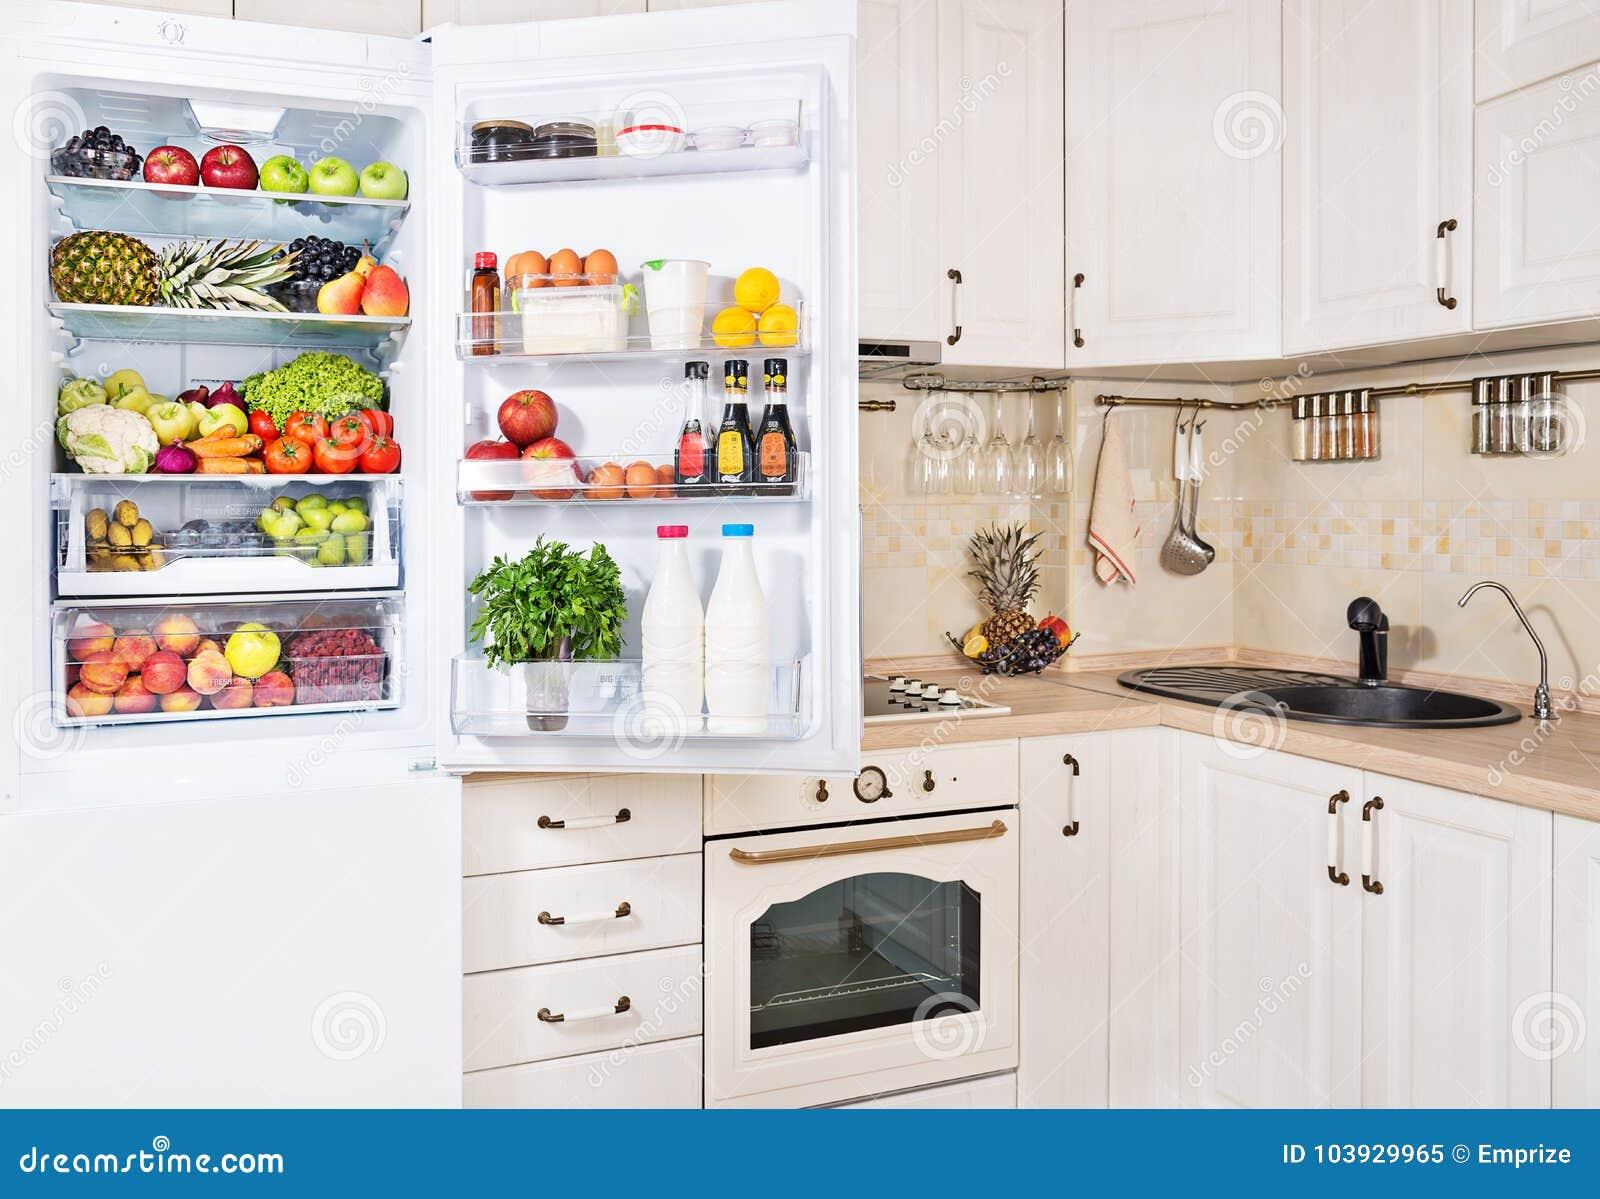 Kühlschrank Quadratisch : Öffnen sie den kühlschrank der mit frischen früchten gemüse und